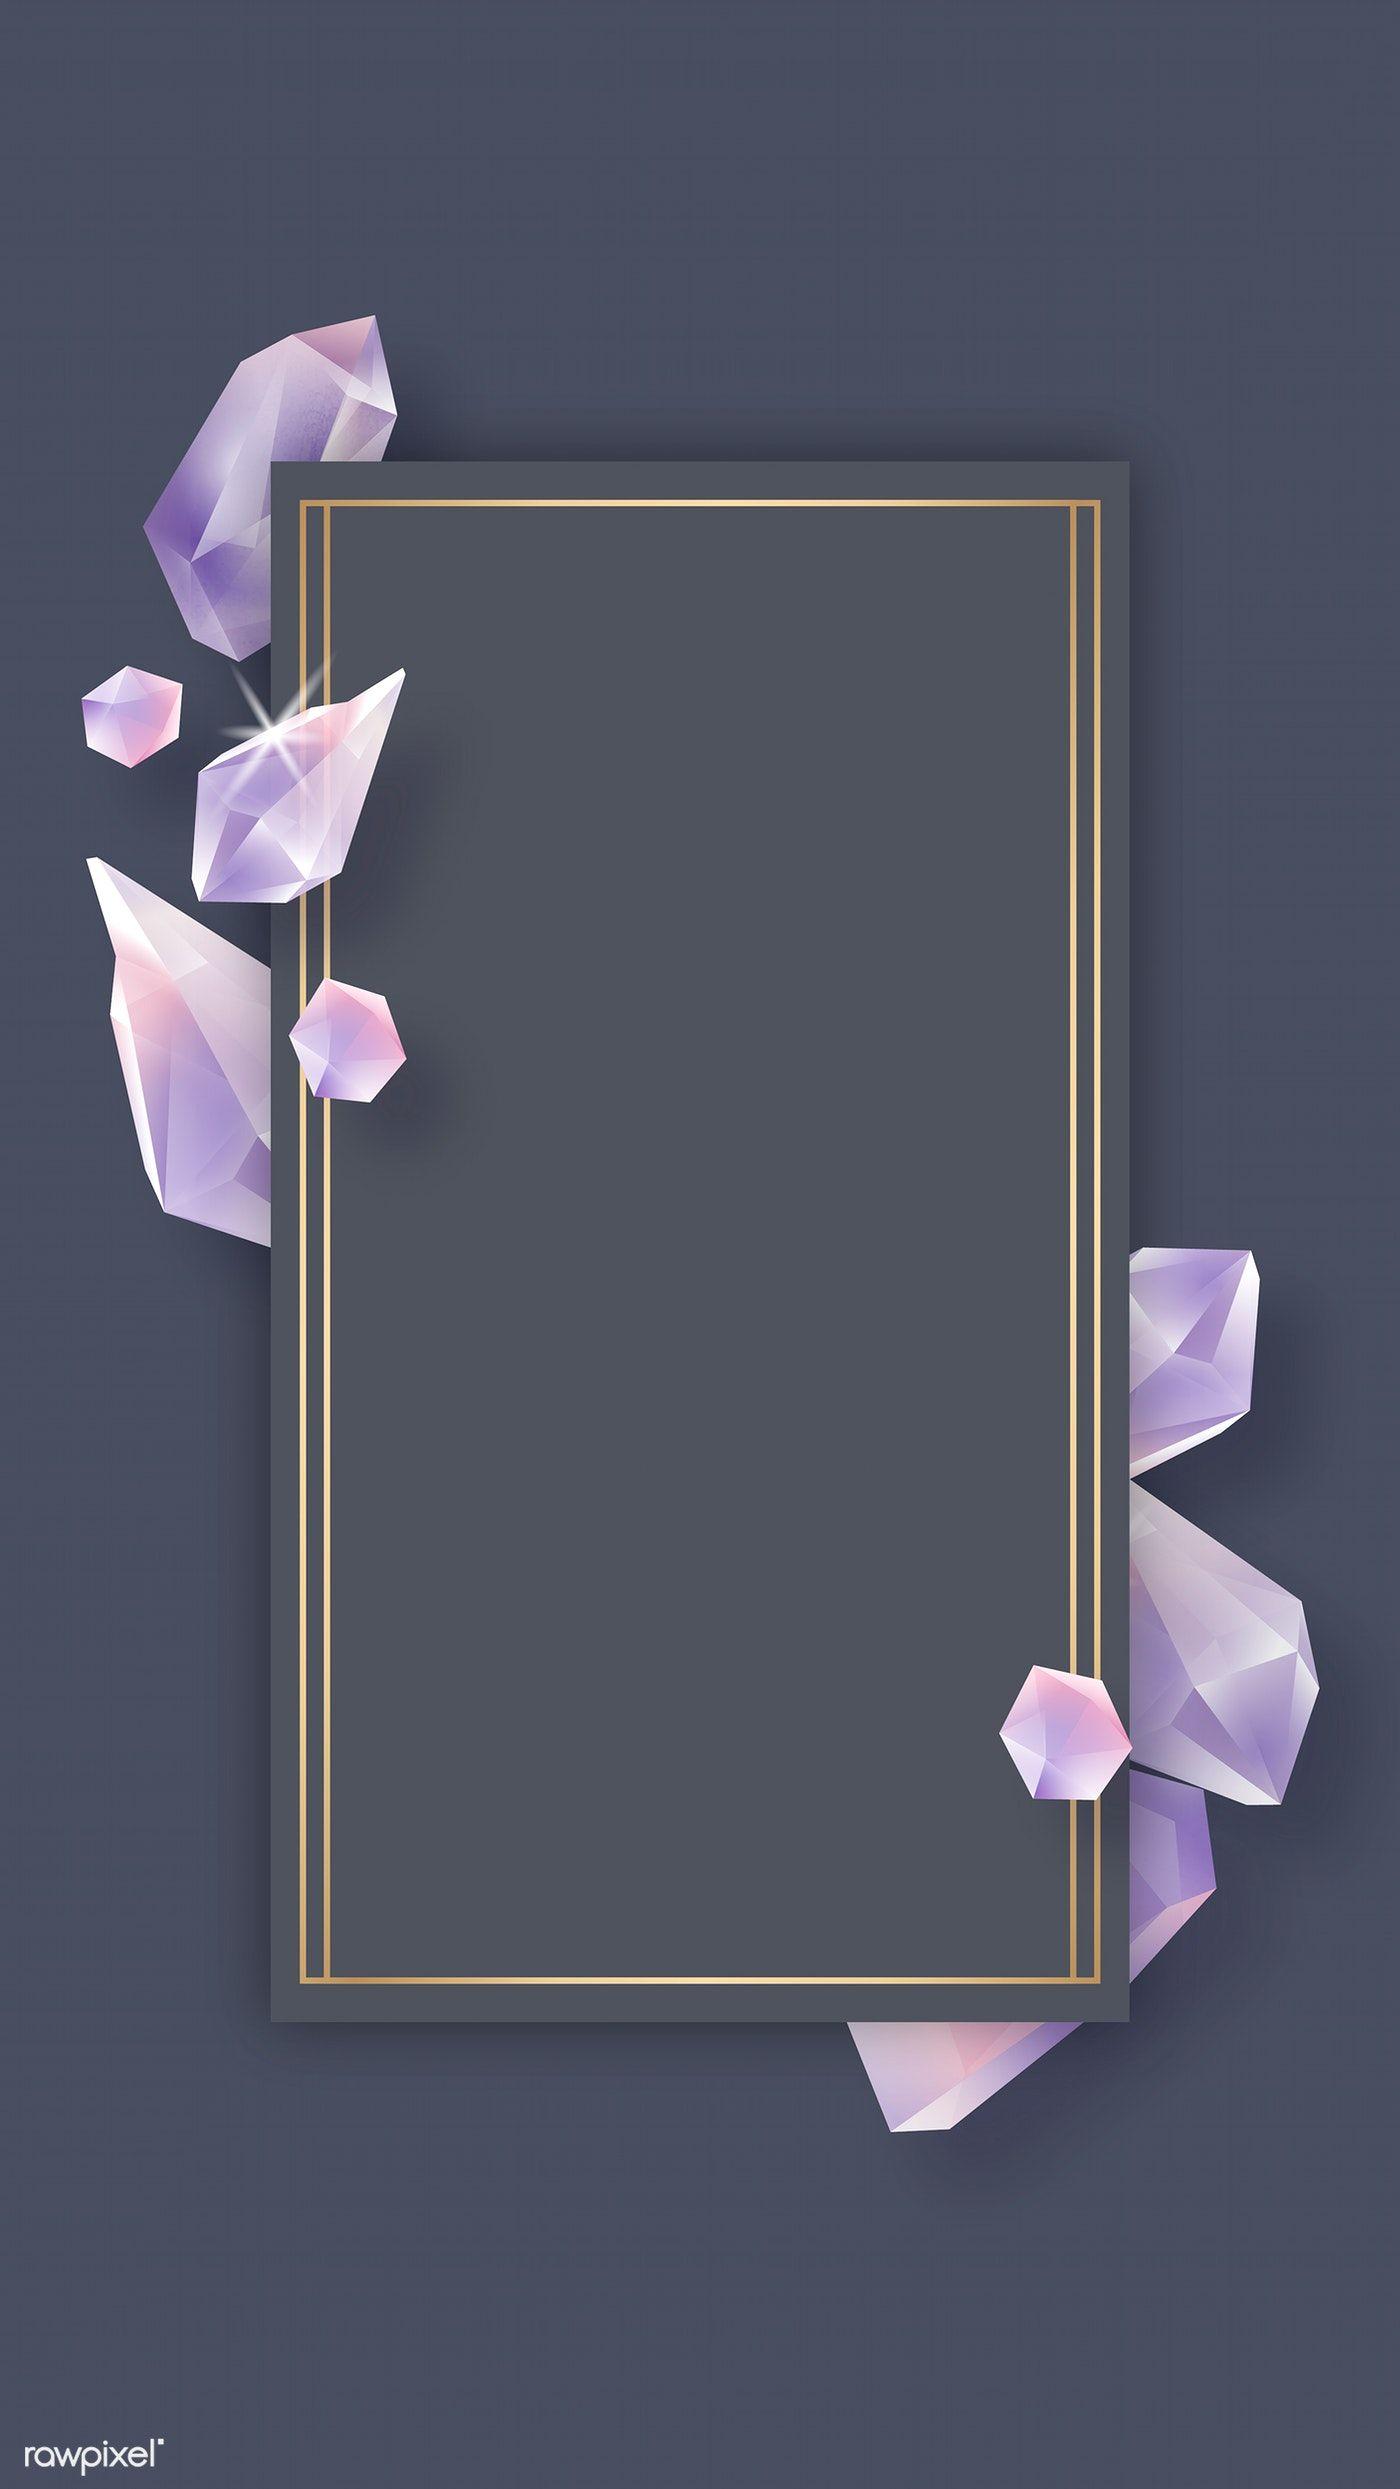 Download Premium Vector Of Rectangle Crystal Frame On Black Background Black Backgrounds Flower Background Wallpaper Backgrounds Phone Wallpapers